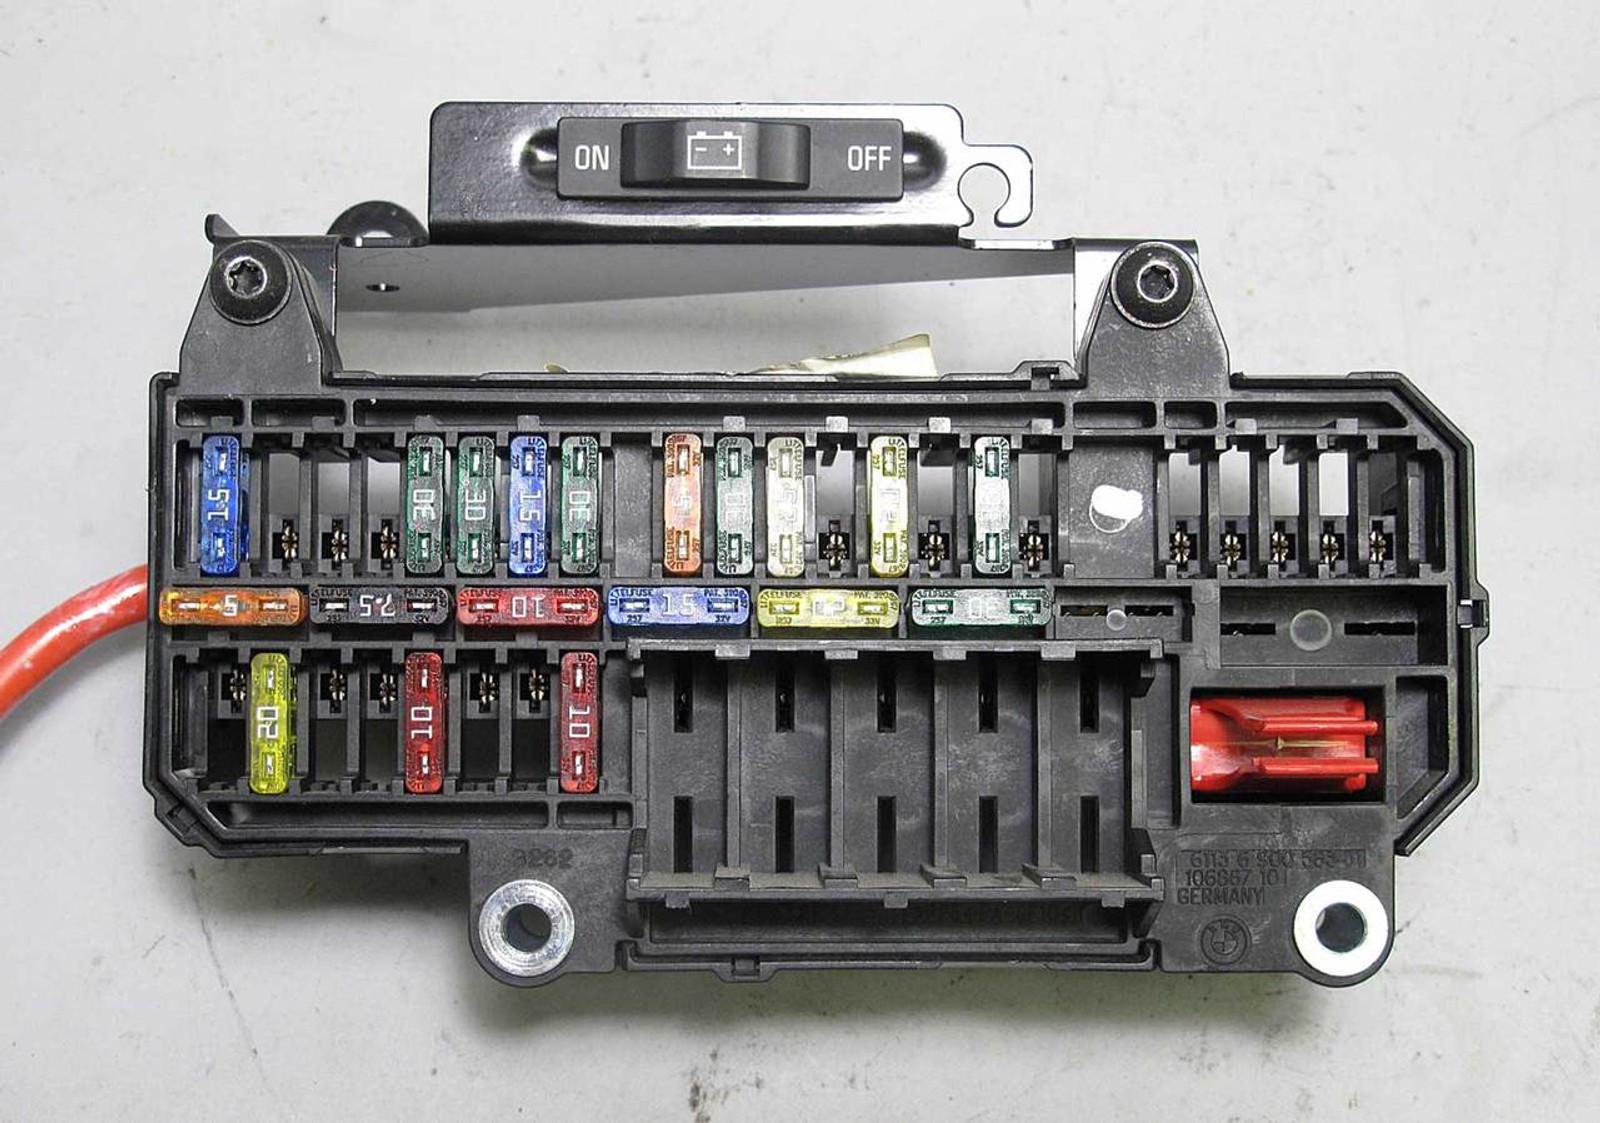 1997 bmw 740il fuse box trusted wiring diagram 1997 saturn fuse box  location 1997 bmw 740i